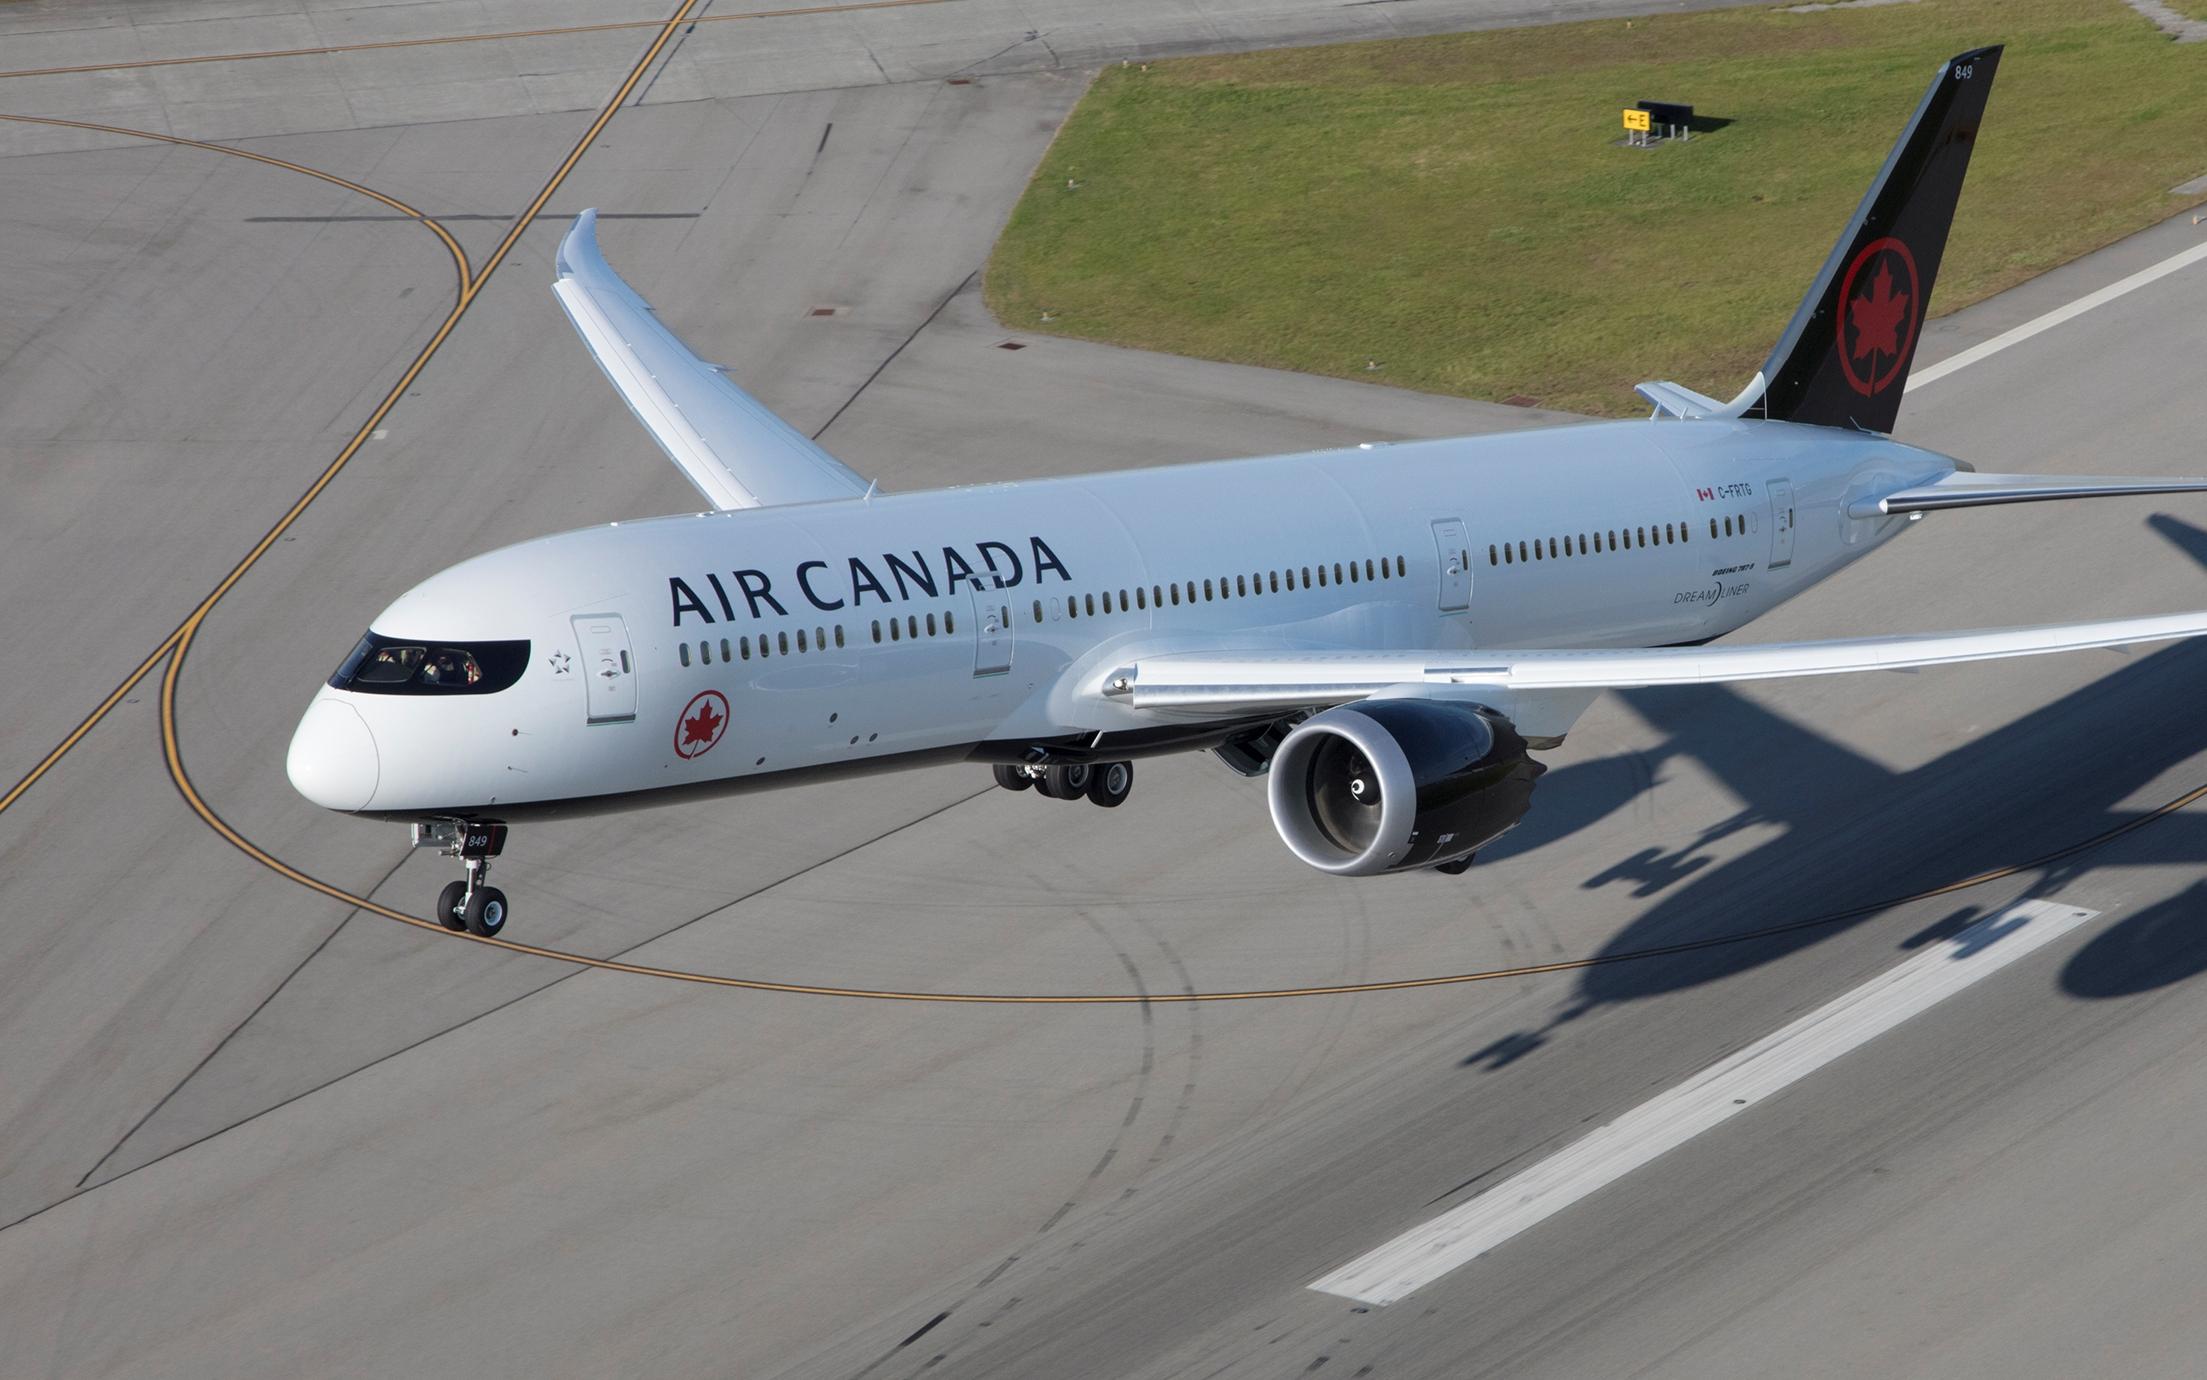 Star Alliance-medlemmet Air Canada bruger blandt andet Boeing B787 Dreamliner på sin helårlige rute mellem Toronto og Københavns Lufthavn, selskabets eneste rute til Skandinavien. Foto: Air Canada.